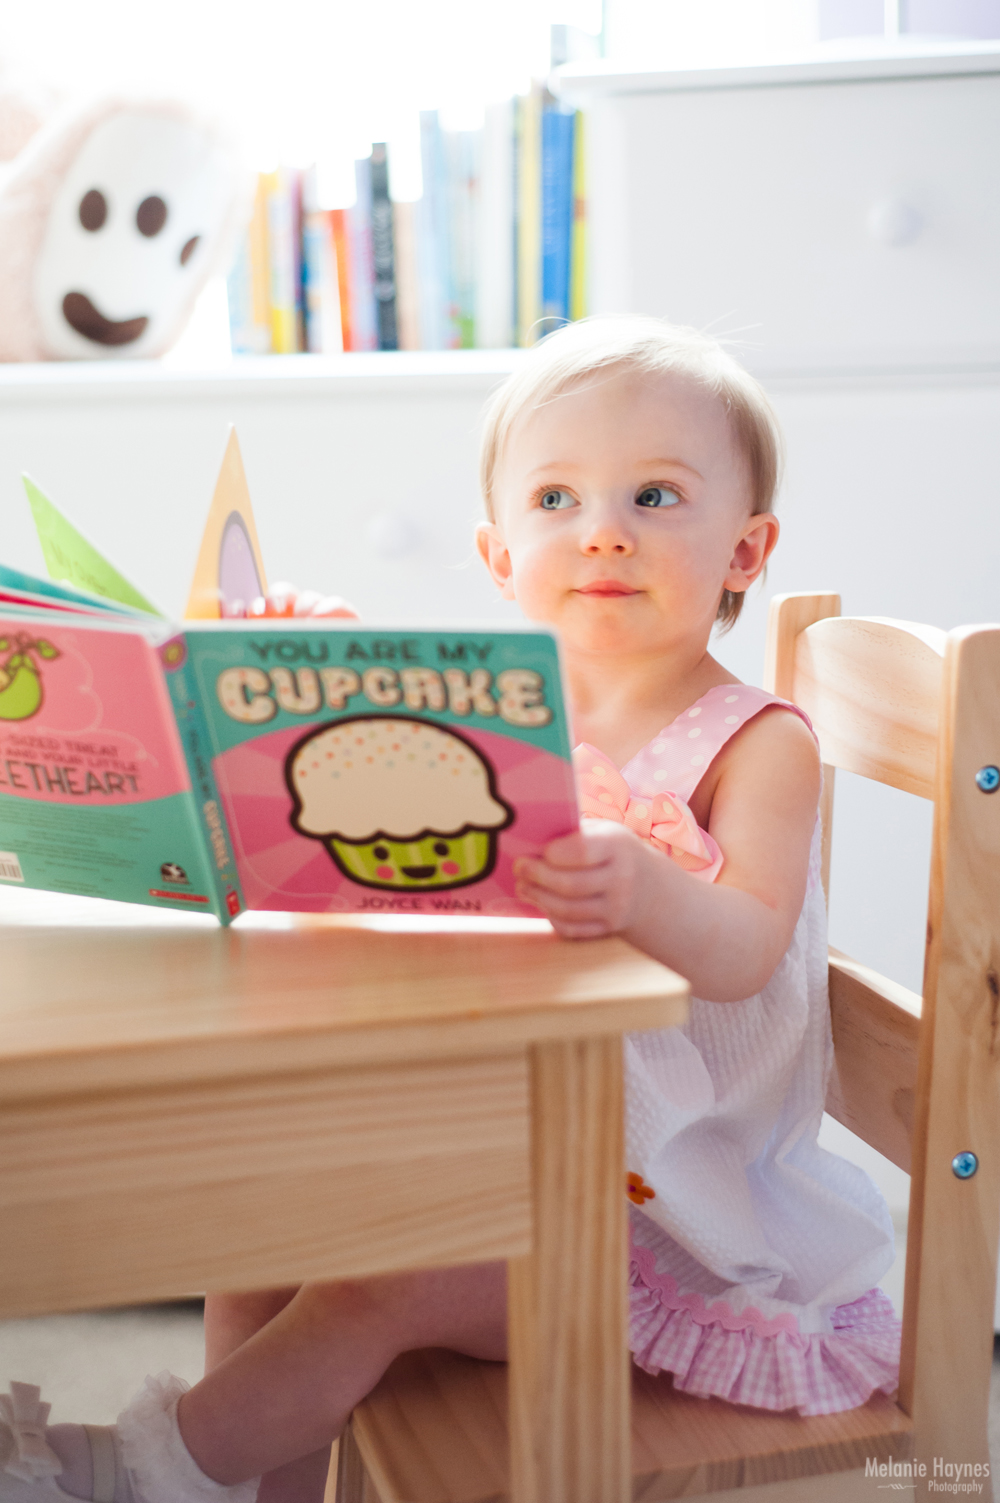 mhaynesphoto_childrensphotography_m5